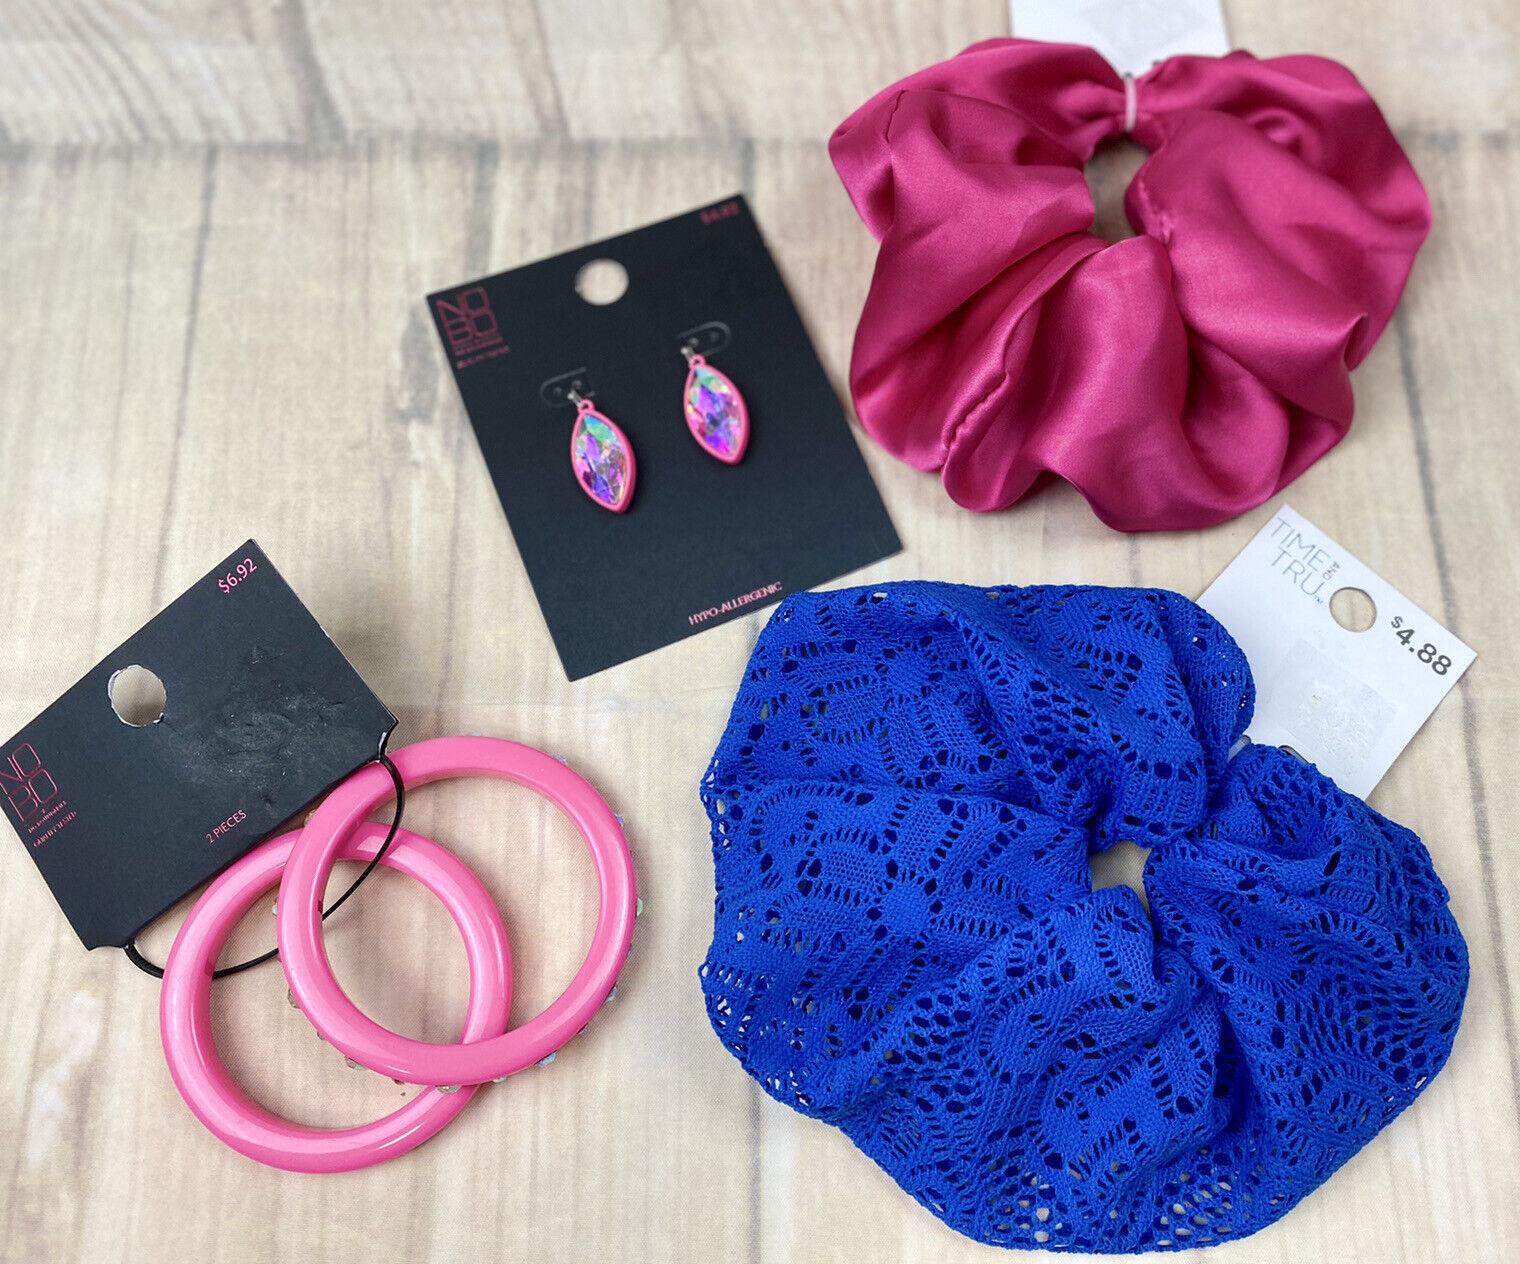 Time & Tru No Boundaries Large Hair Scrunchies Neon Pink Bracelet Earrings NEW